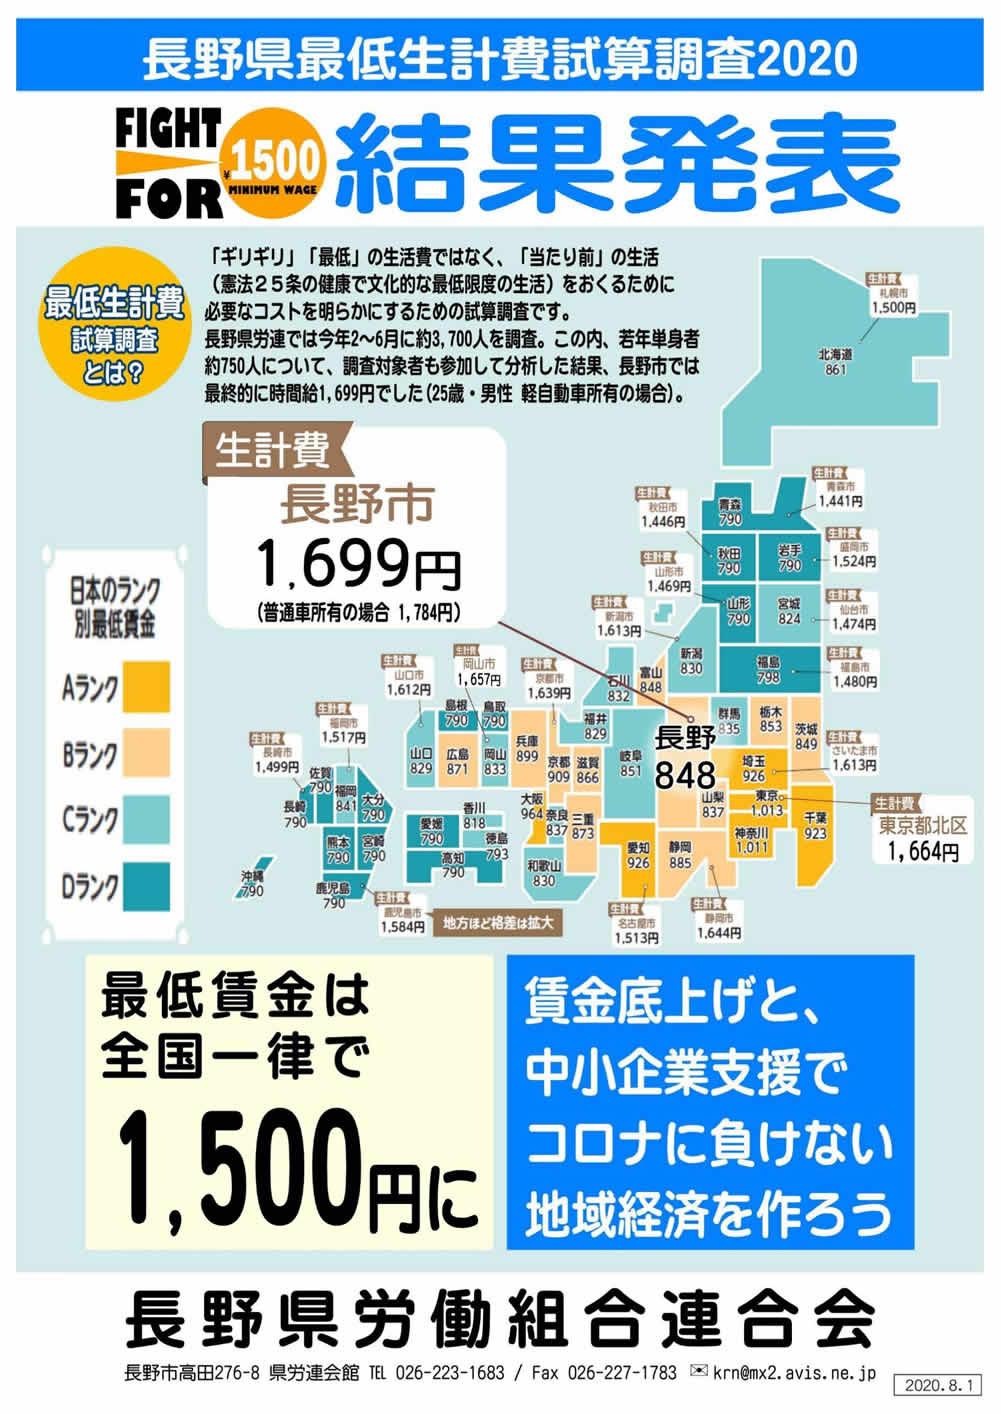 長野県最低生計費調査2020結果発表チラシ 写真